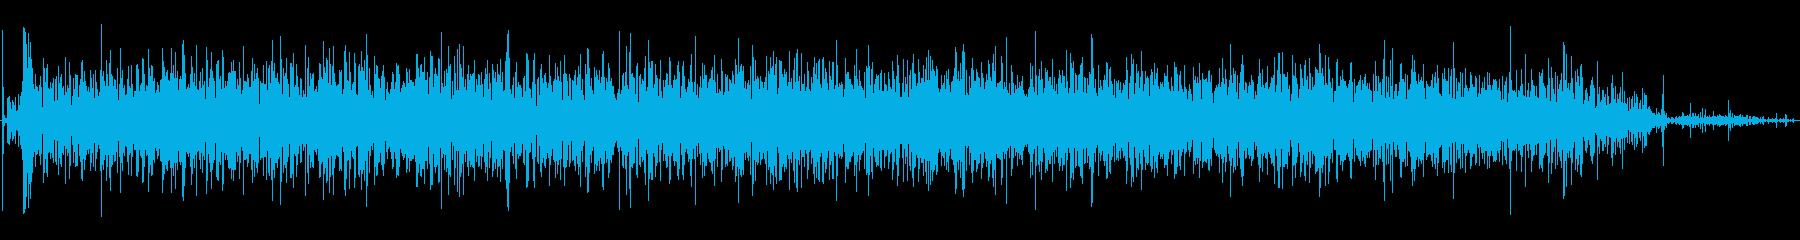 ラピッドドライアイスバブルの再生済みの波形